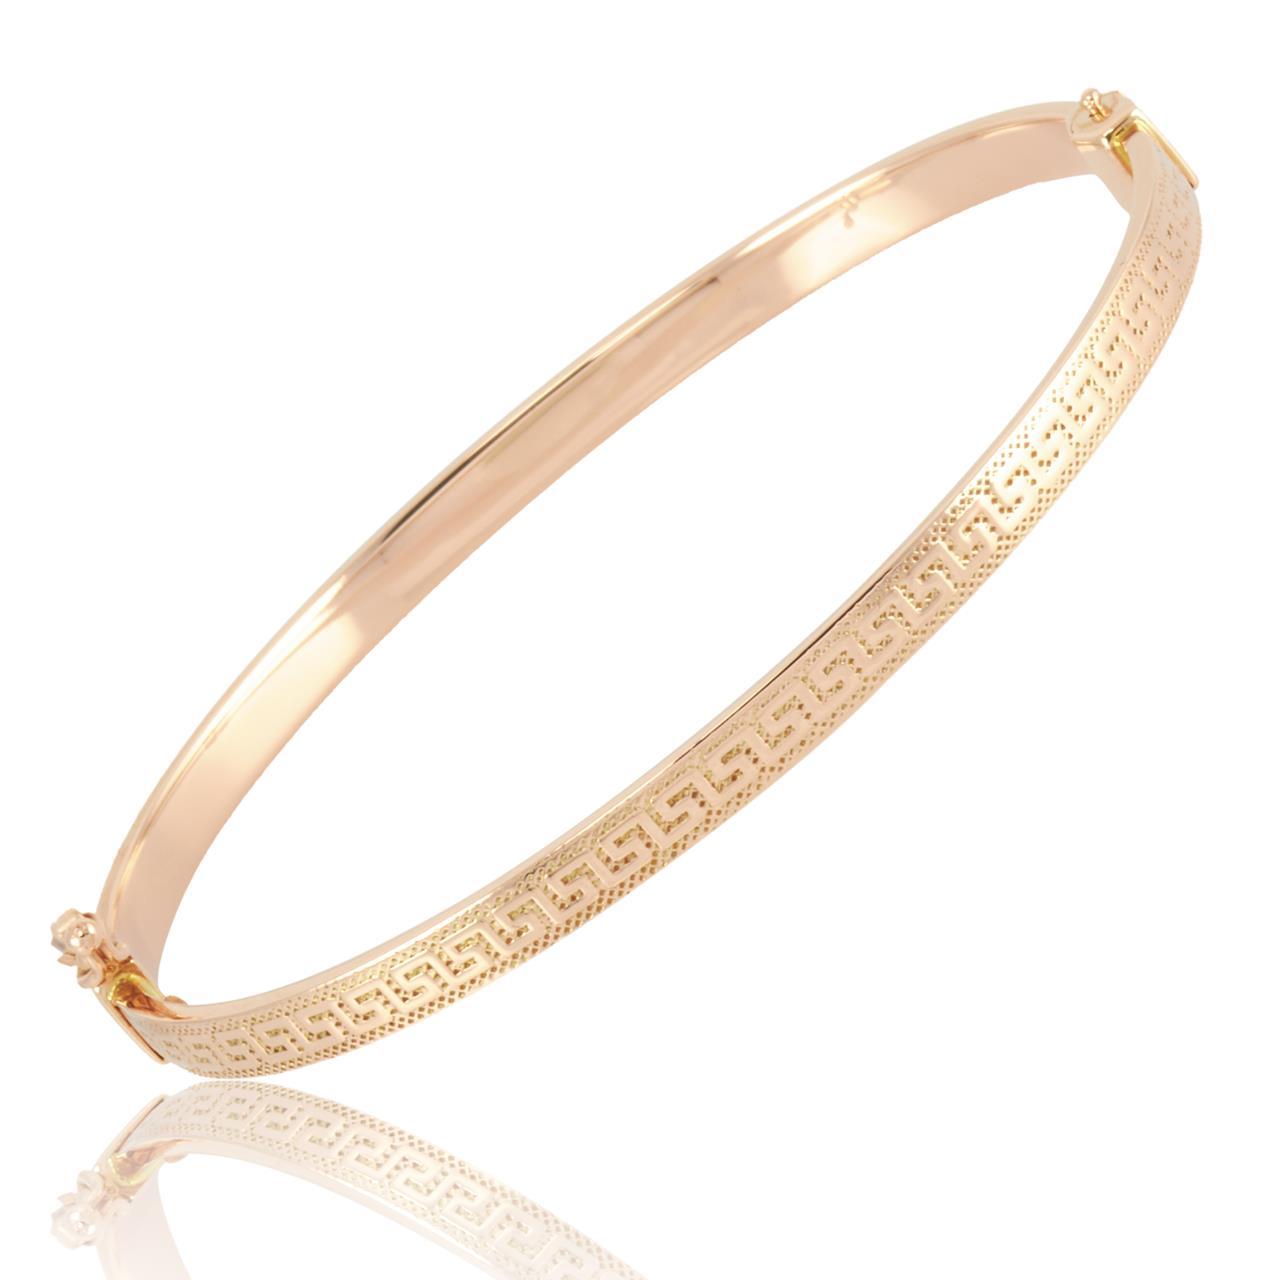 Altın Versace Model Kelepçe Bilezik